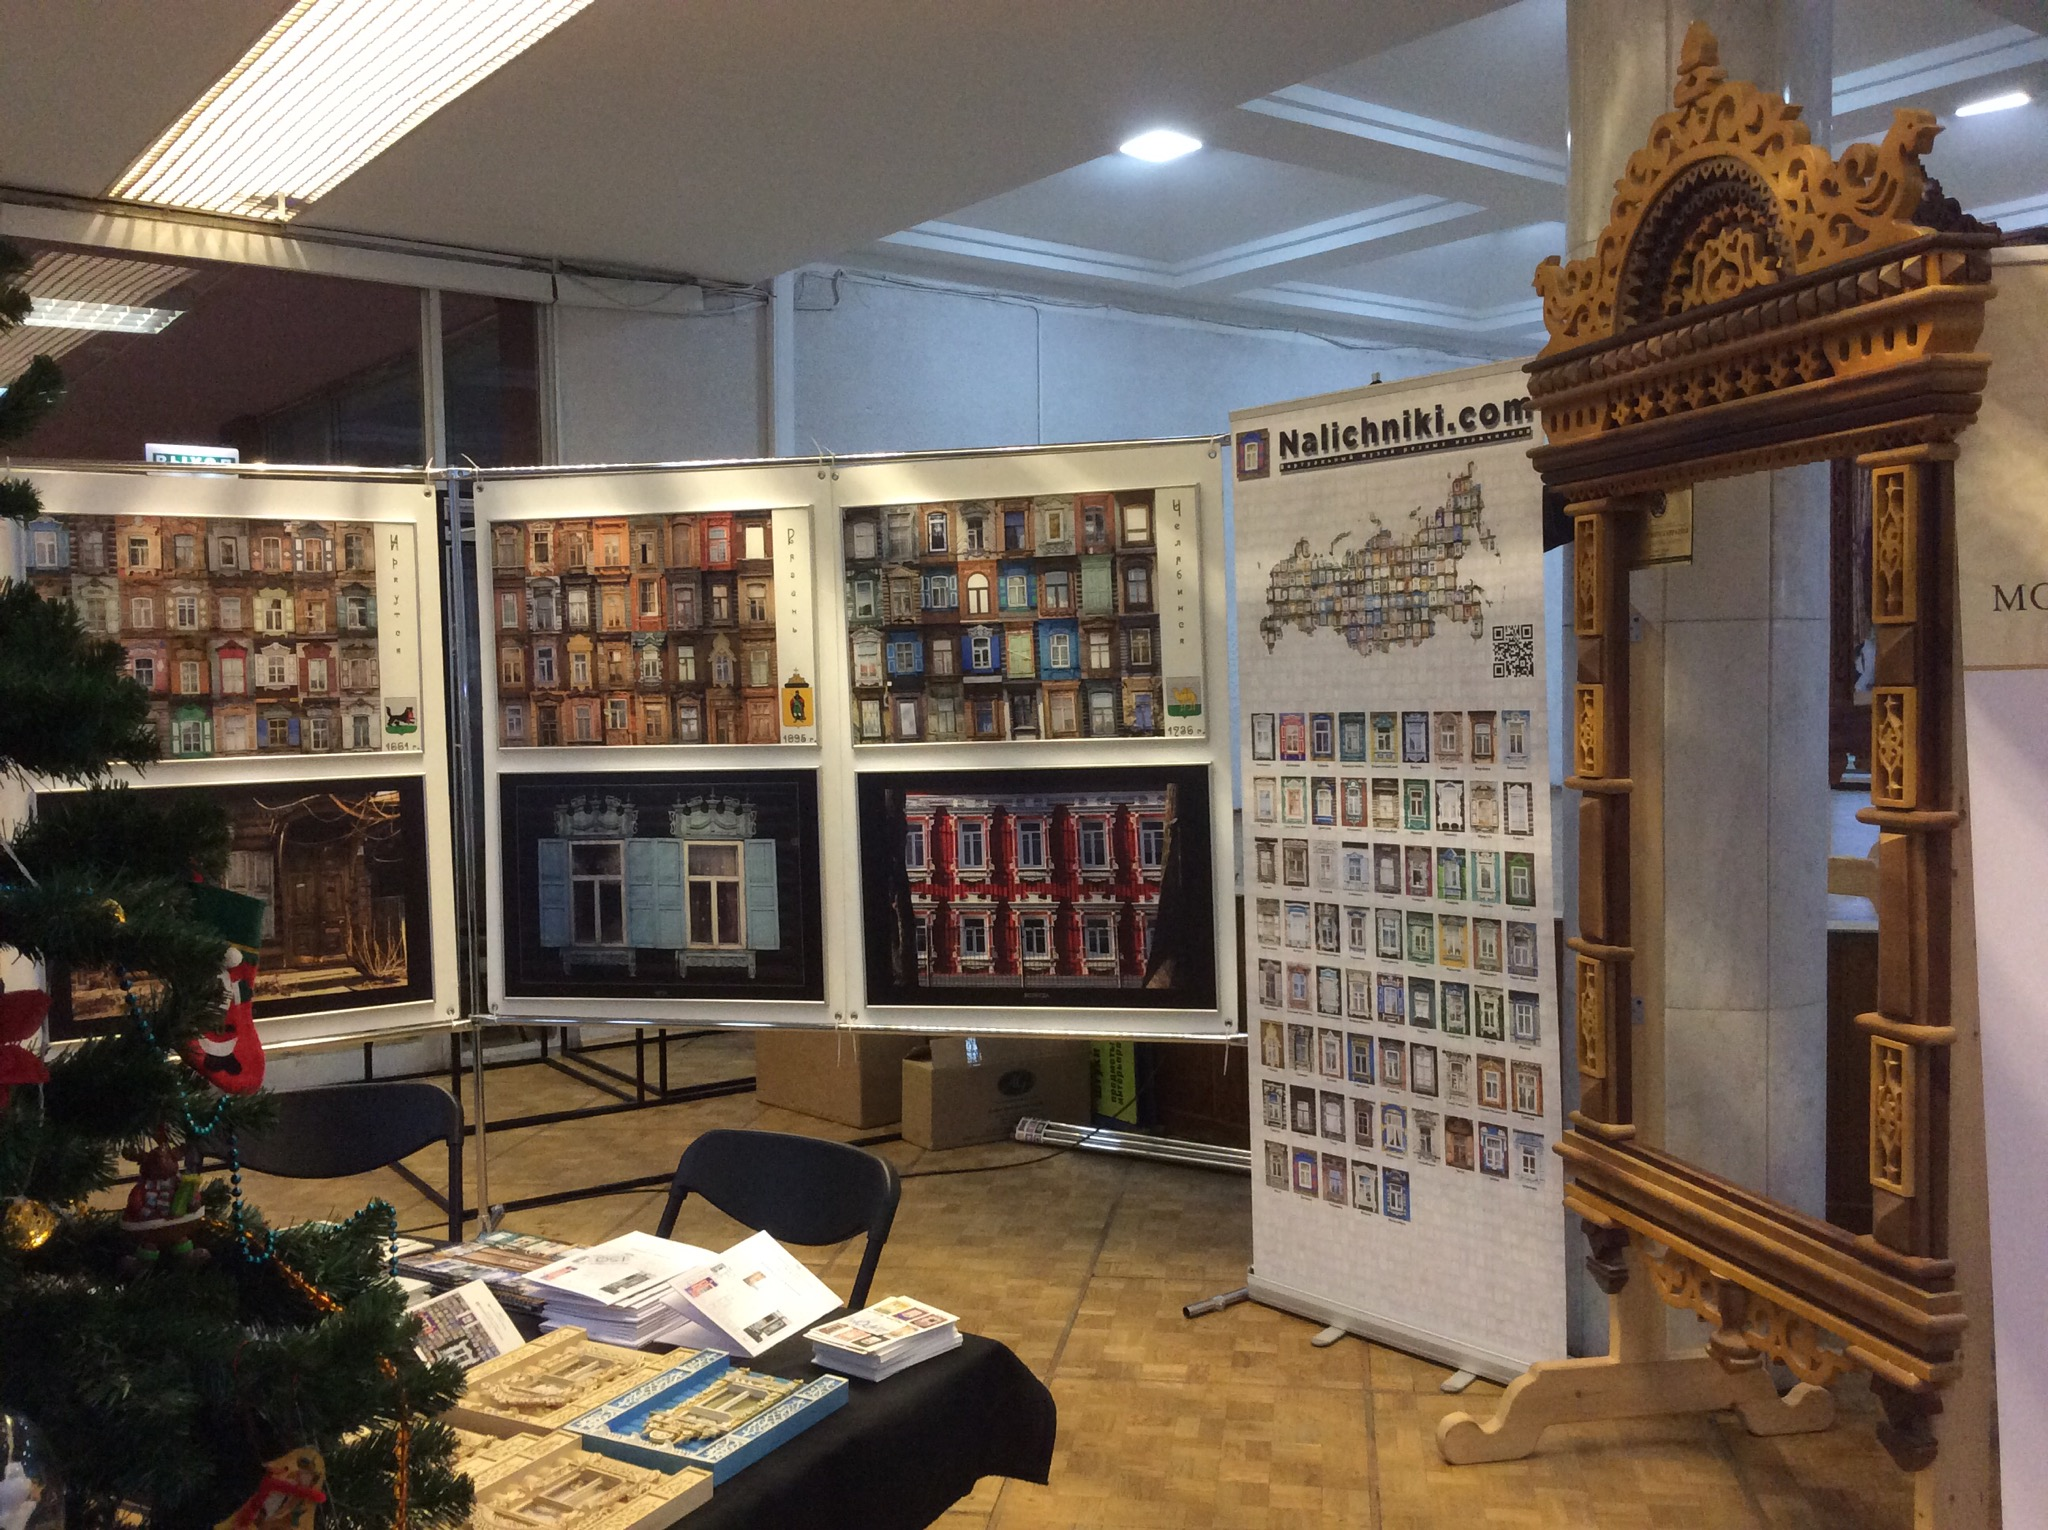 выставка наличников в ДК ЗИЛ